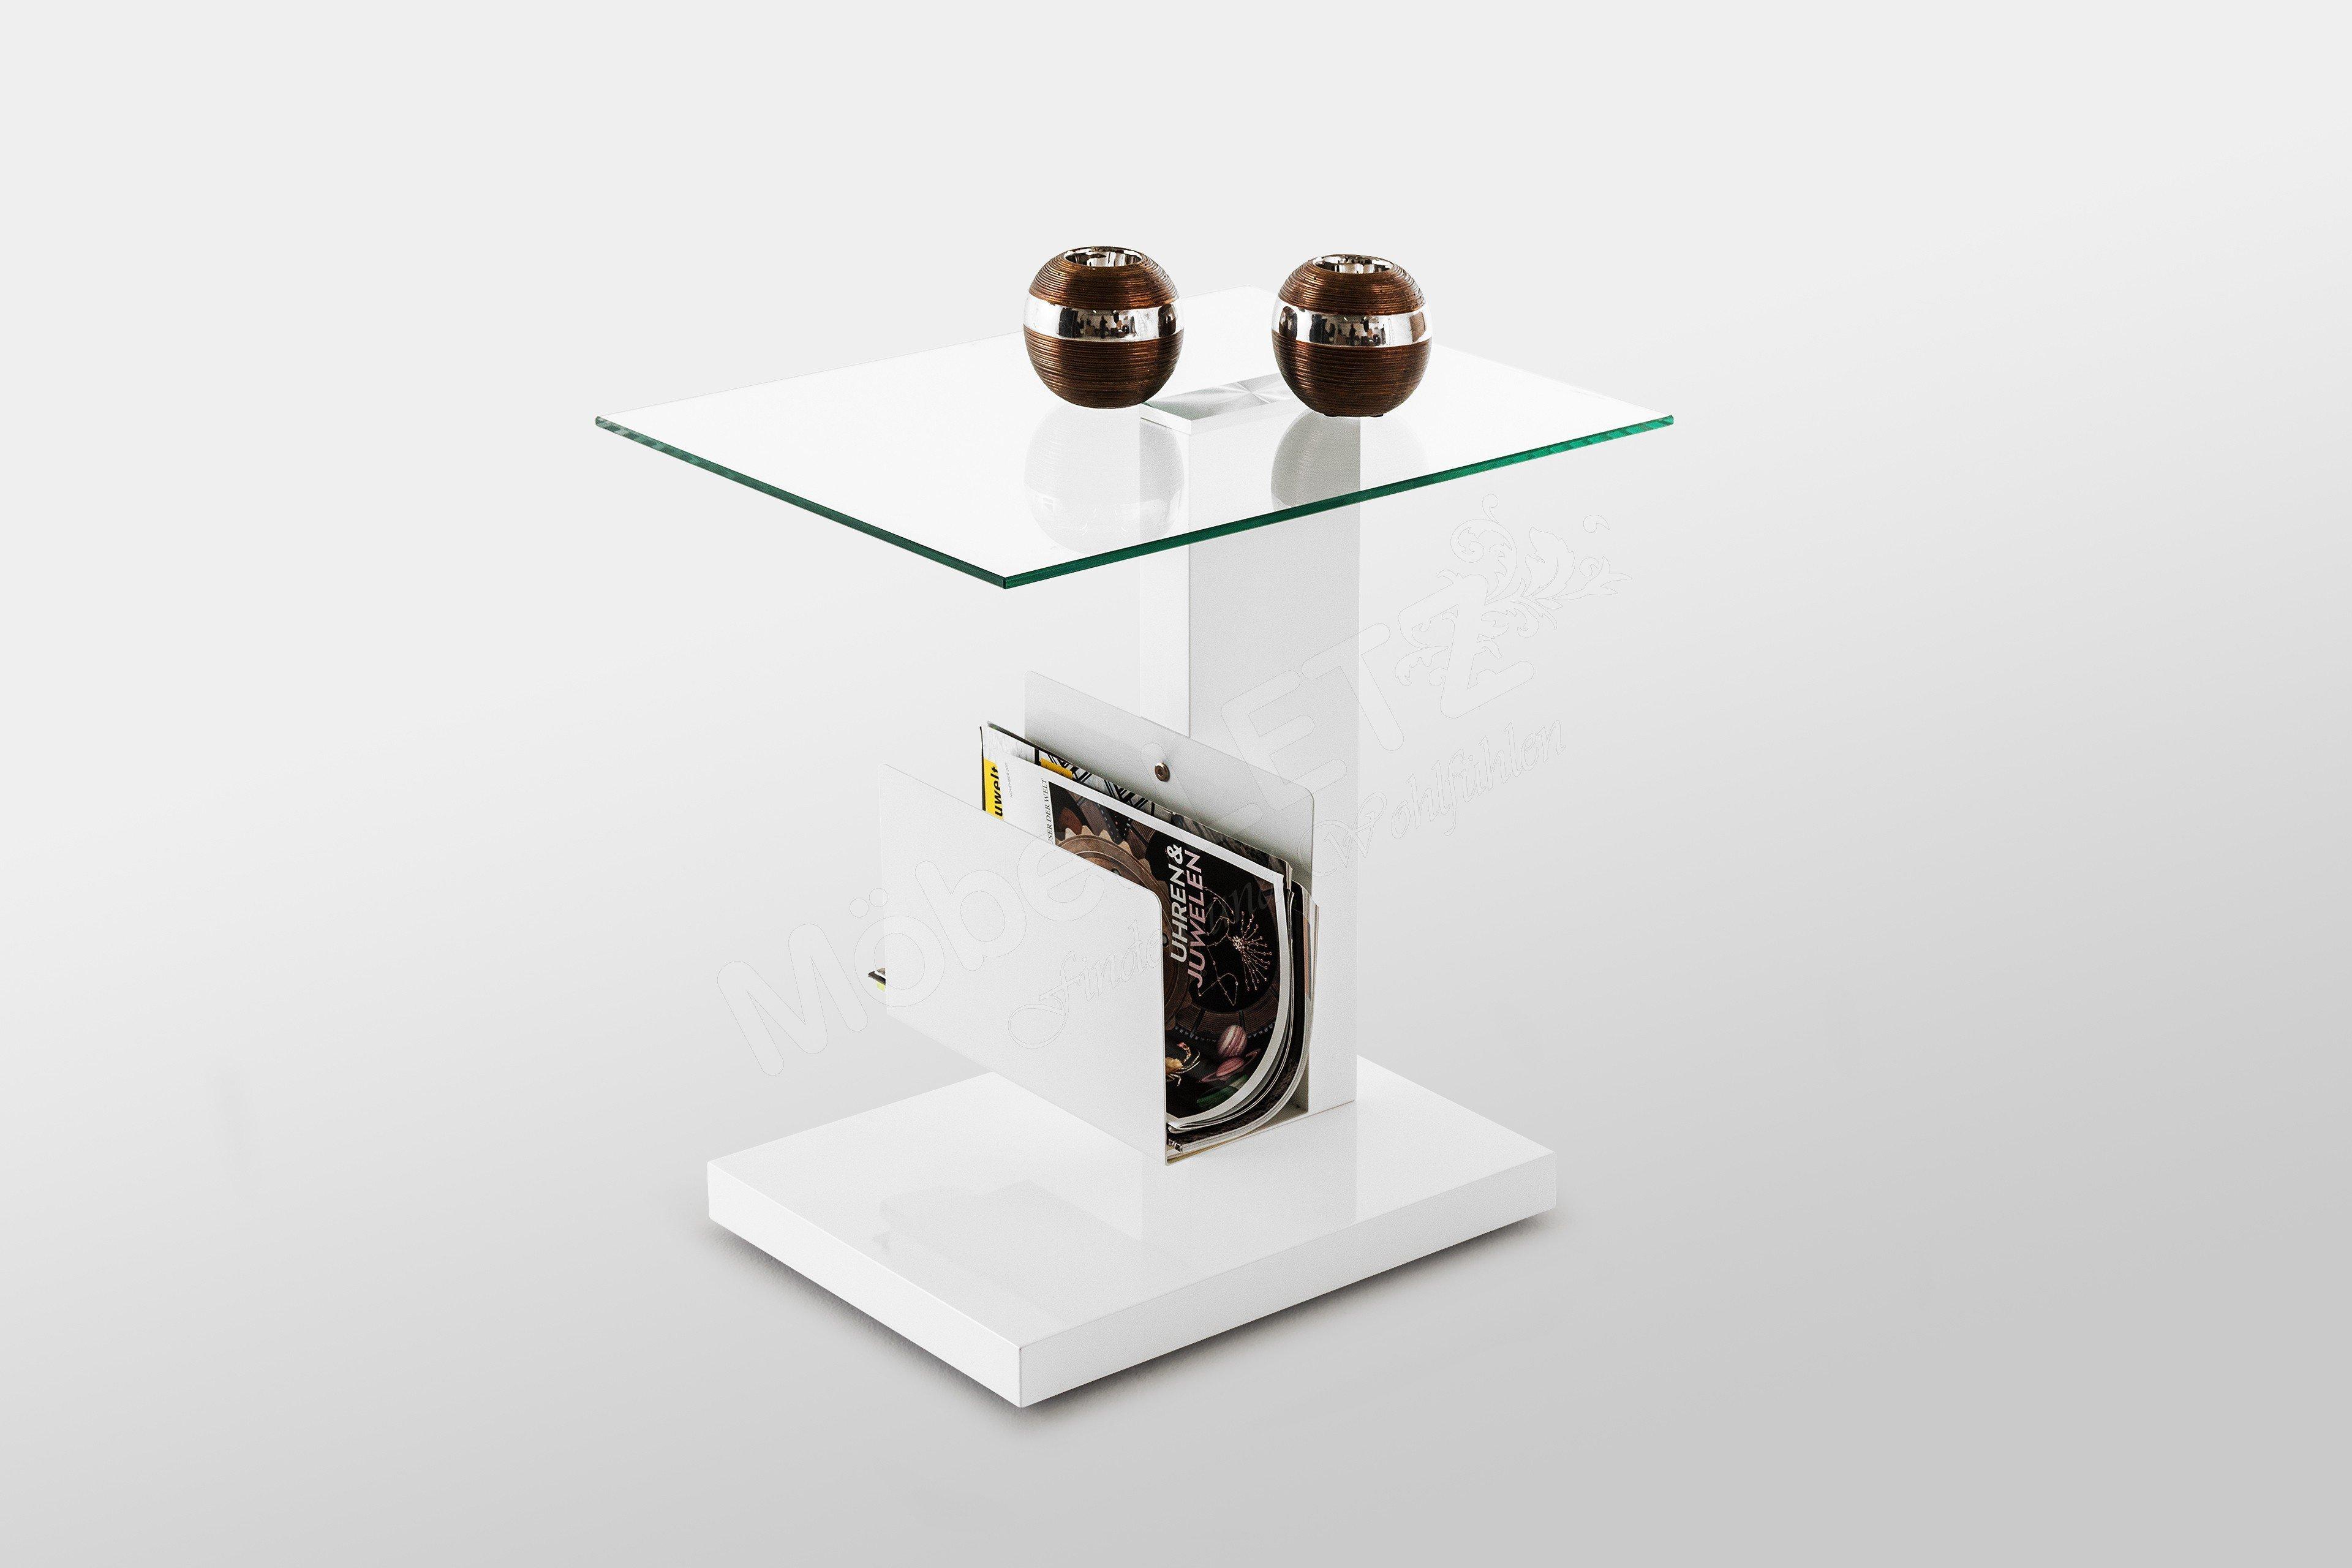 Beistelltisch Design hl design beistelltisch nino in hochglanz weiß möbel letz ihr